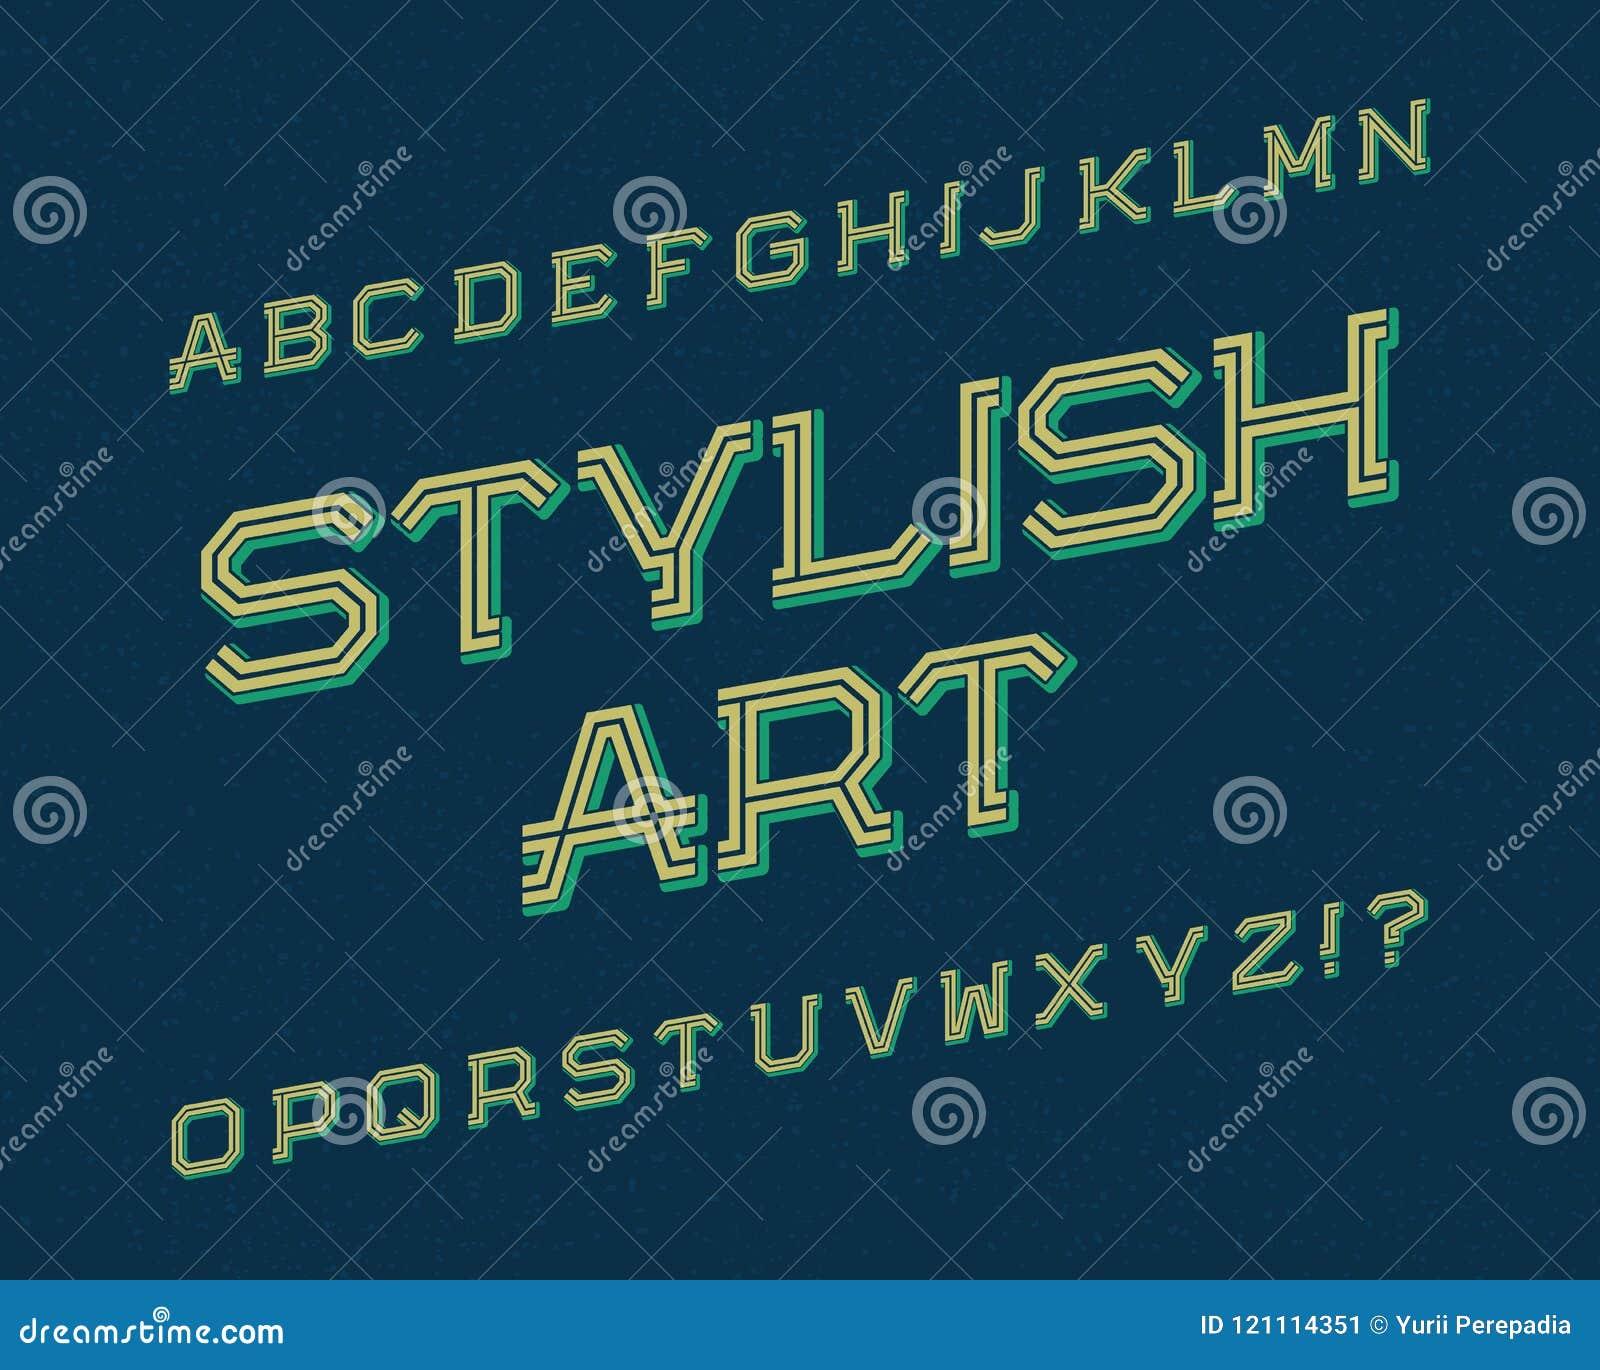 Stylish Art Typeface  Retro Font  Isolated English Alphabet